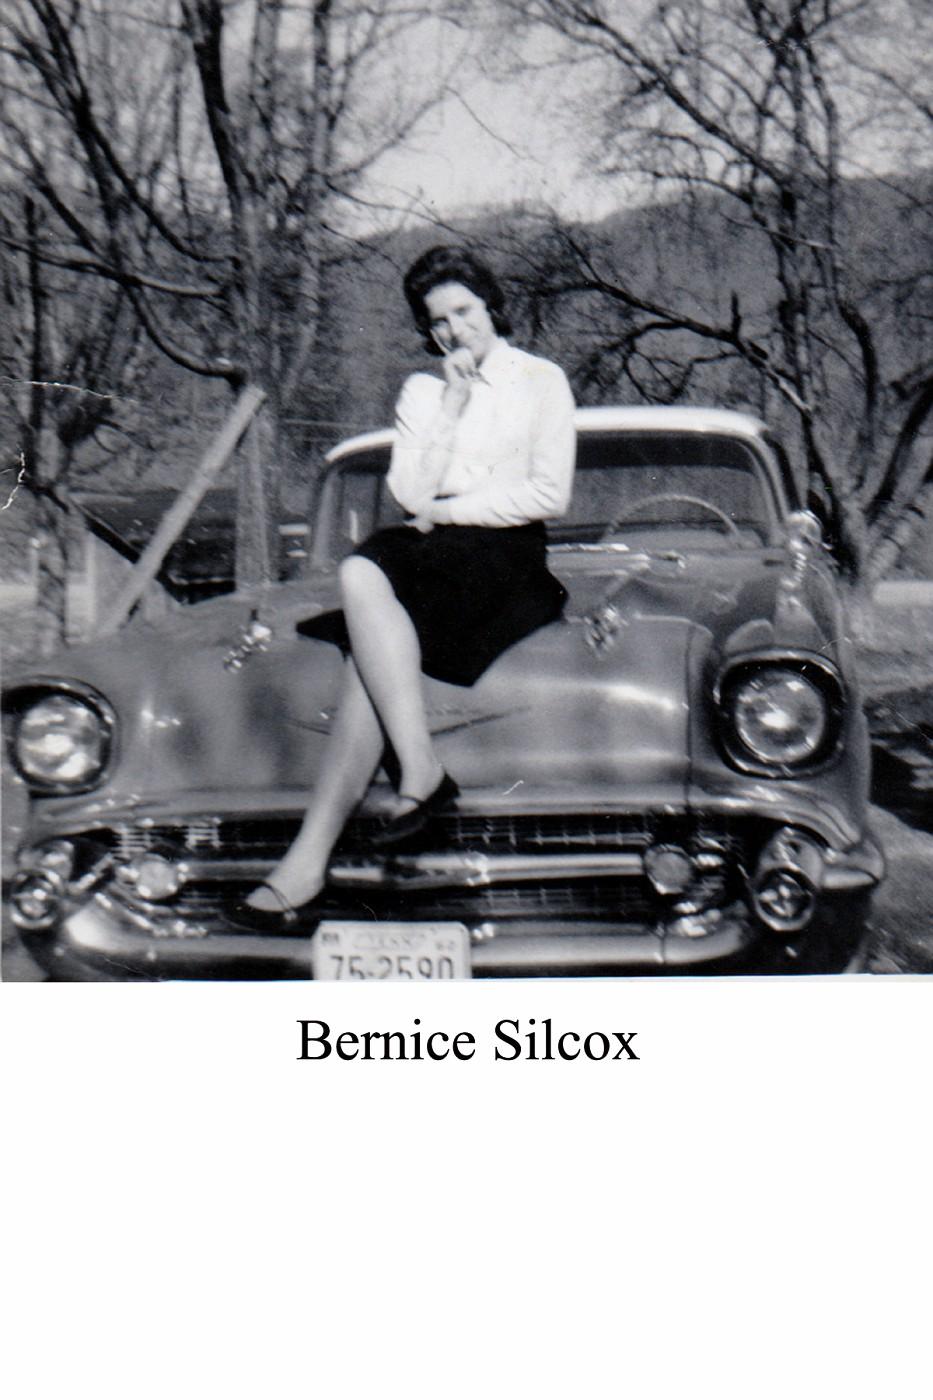 2-Bernice Silcox